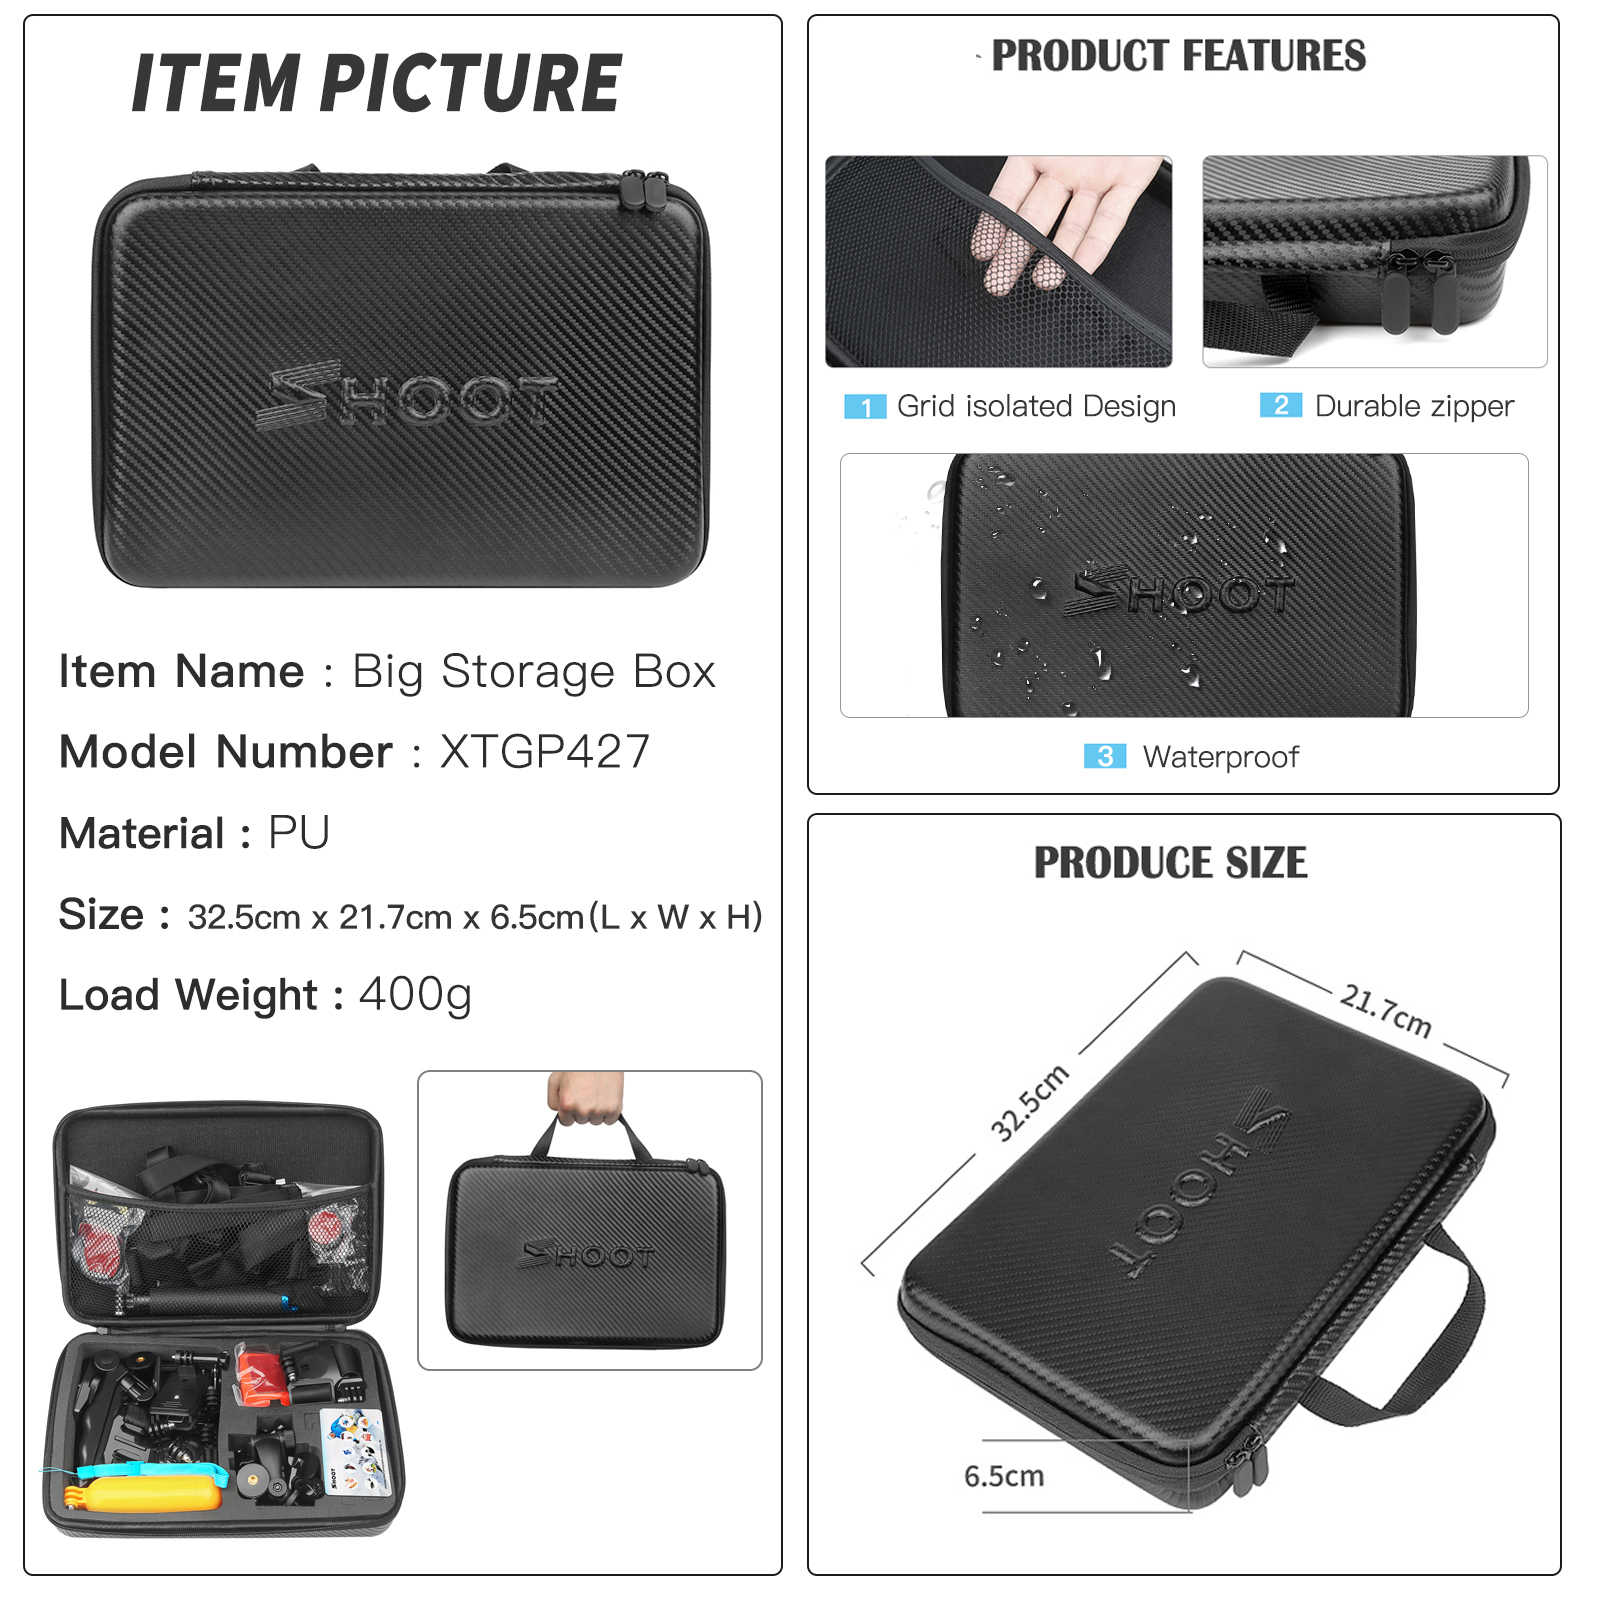 Стрелять Действие Камера аксессуаров для GoPro Hero 7 6 5 4 черный Xiaomi Yi 4 K Lite 2 SJCAM SJ7 Экен H9 Go Pro крепление для Sony Nikon комплект